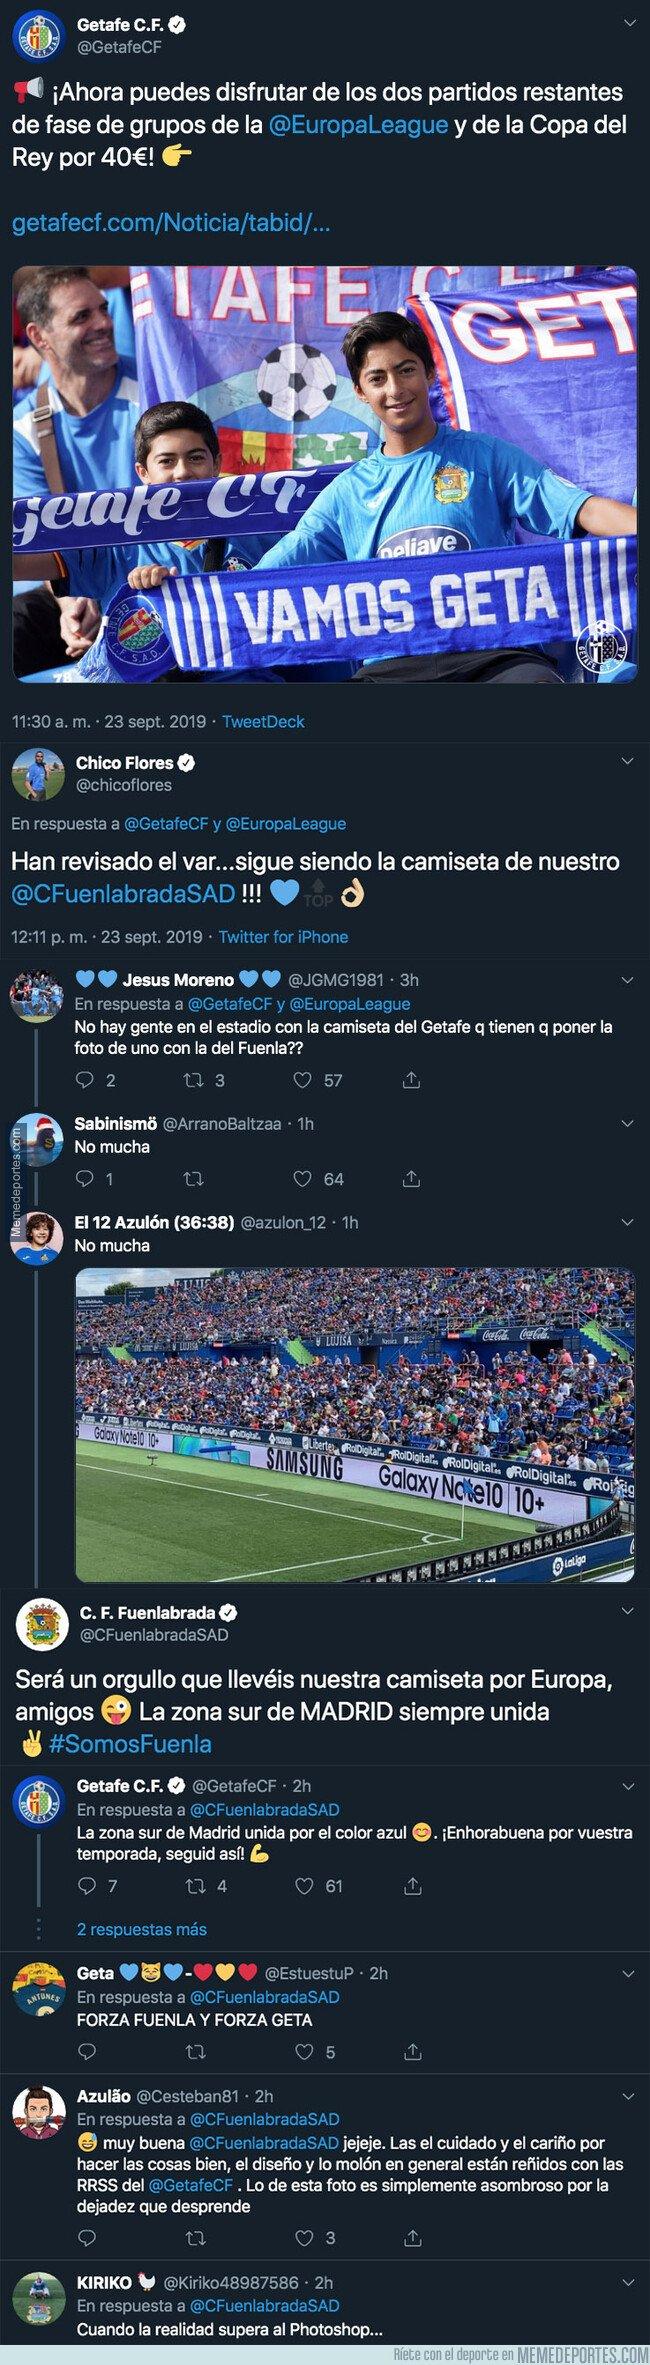 1086543 - El Getafe pone a la venta partidos de Europa League y Copa y el Fuenlabrada termina troleándole por este detalle en la foto